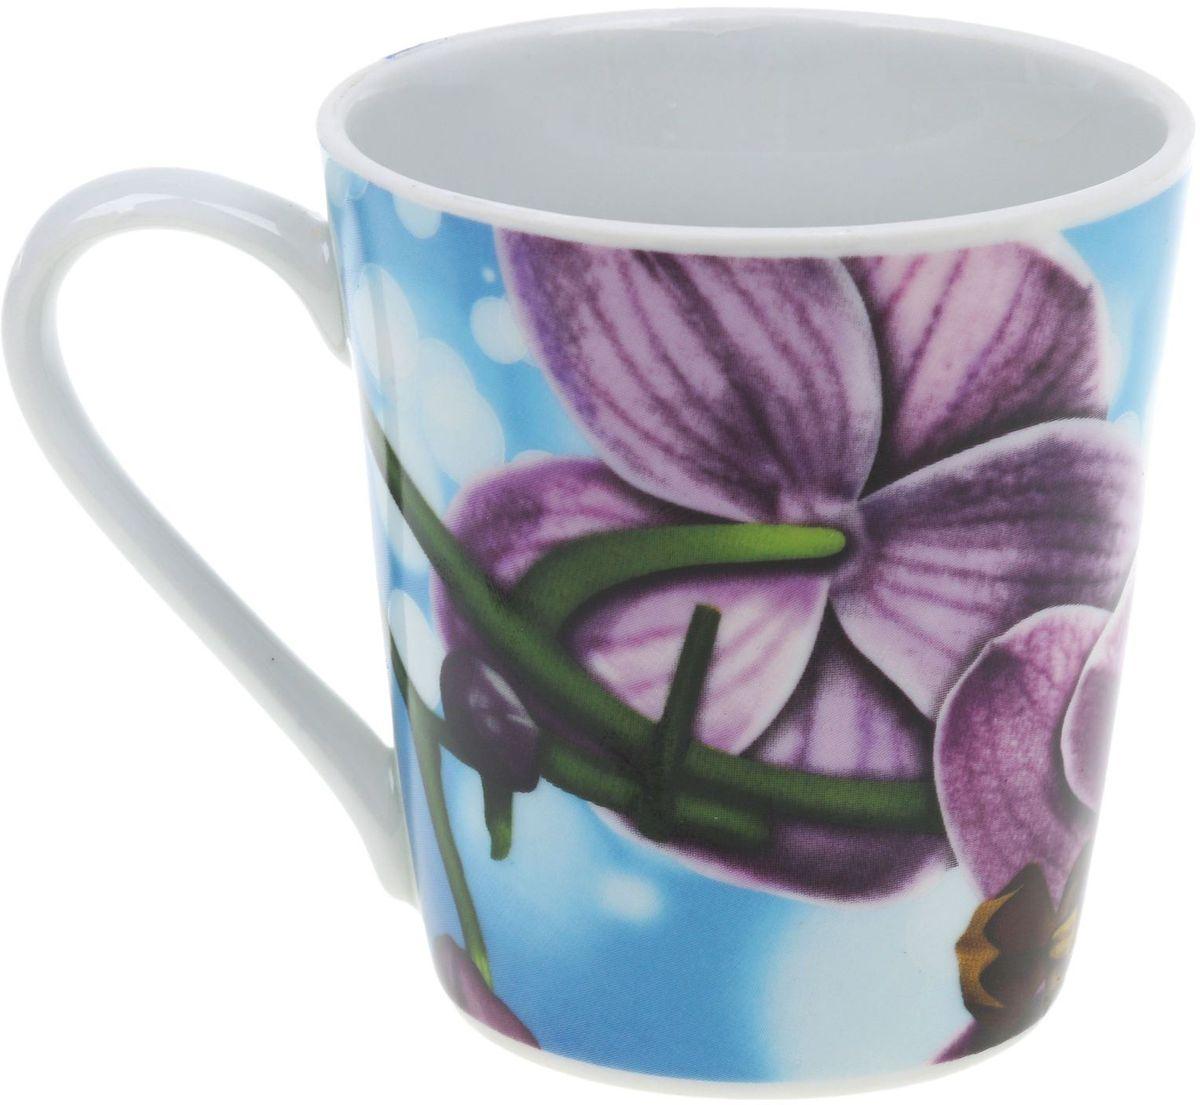 """Кружка """"Классик. Орхидея"""", цвет: голубой, зеленый, фиолетовый, 300 мл"""